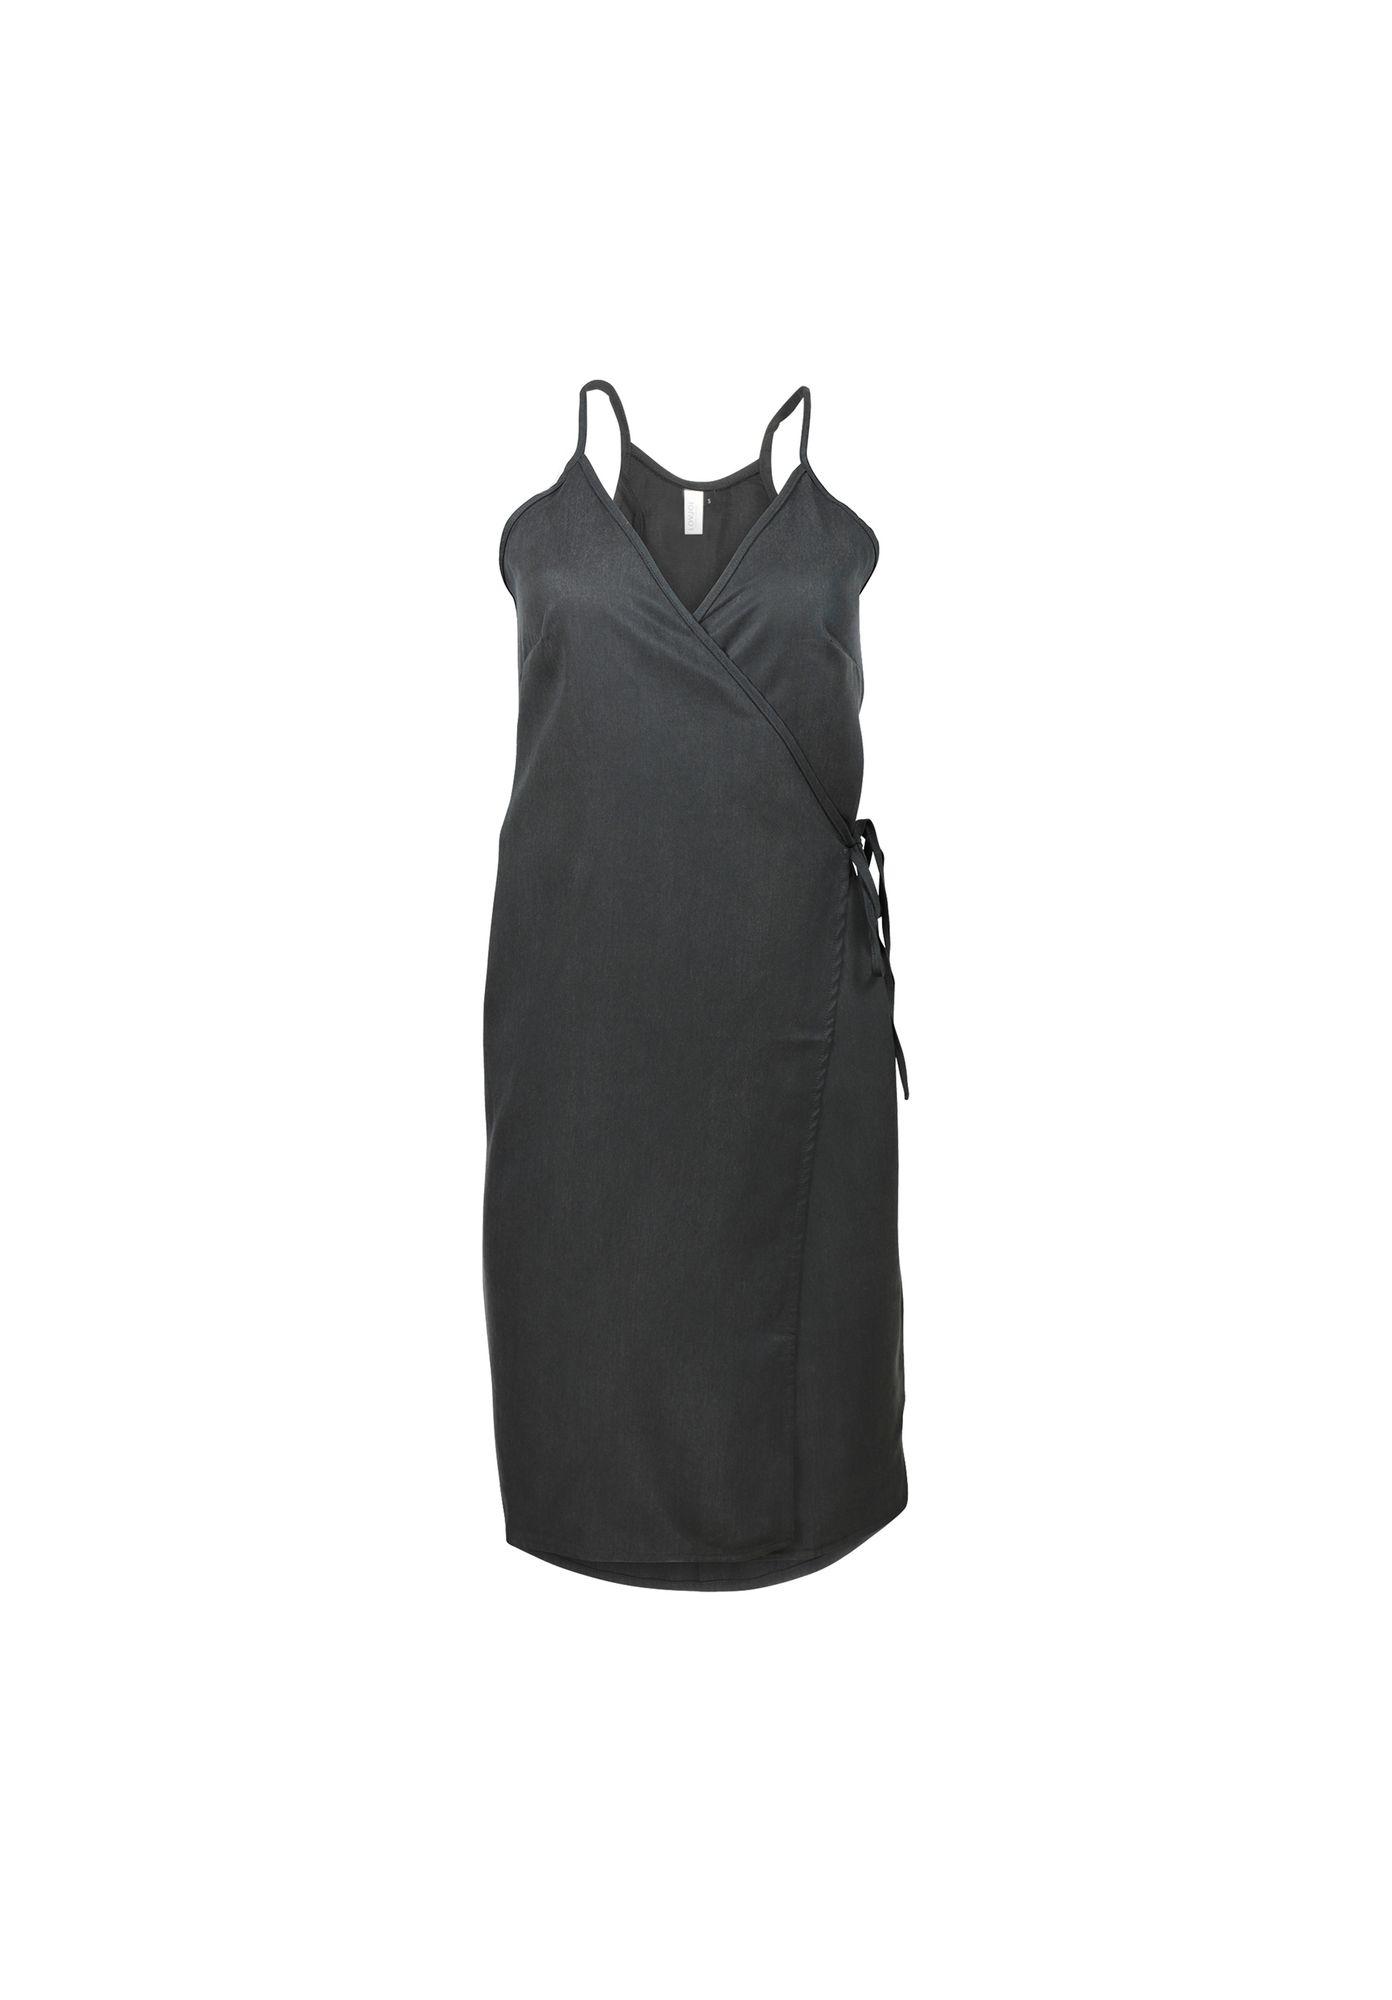 LOVJOI Damen Kleid NAZARÉ schwarz Nachhaltig Fair